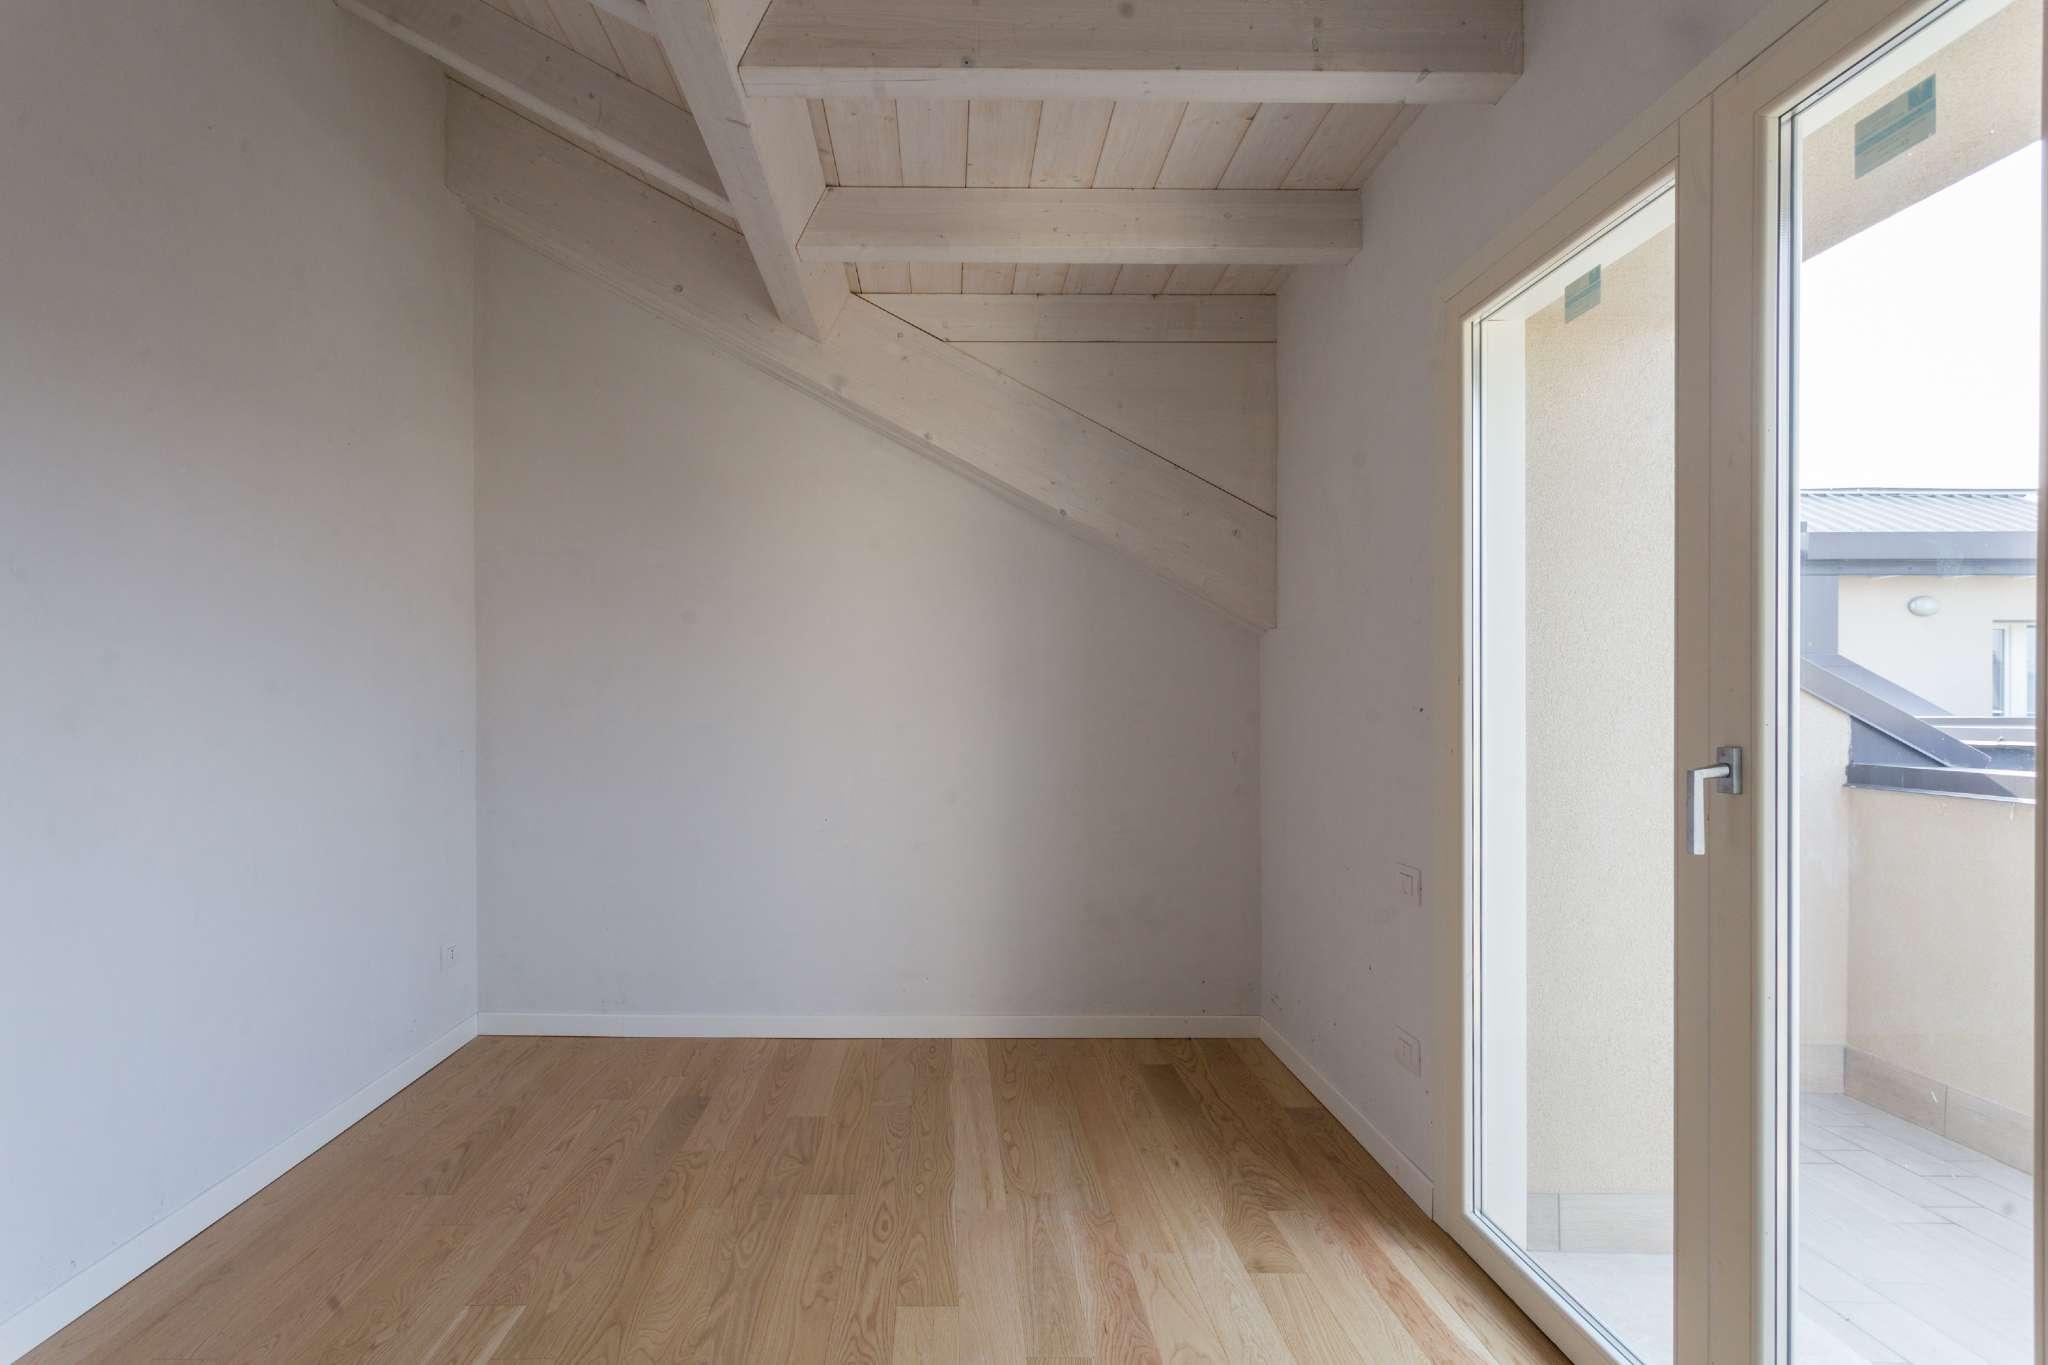 Appartamento in vendita a Cernusco sul Naviglio, 4 locali, prezzo € 372.000 | CambioCasa.it